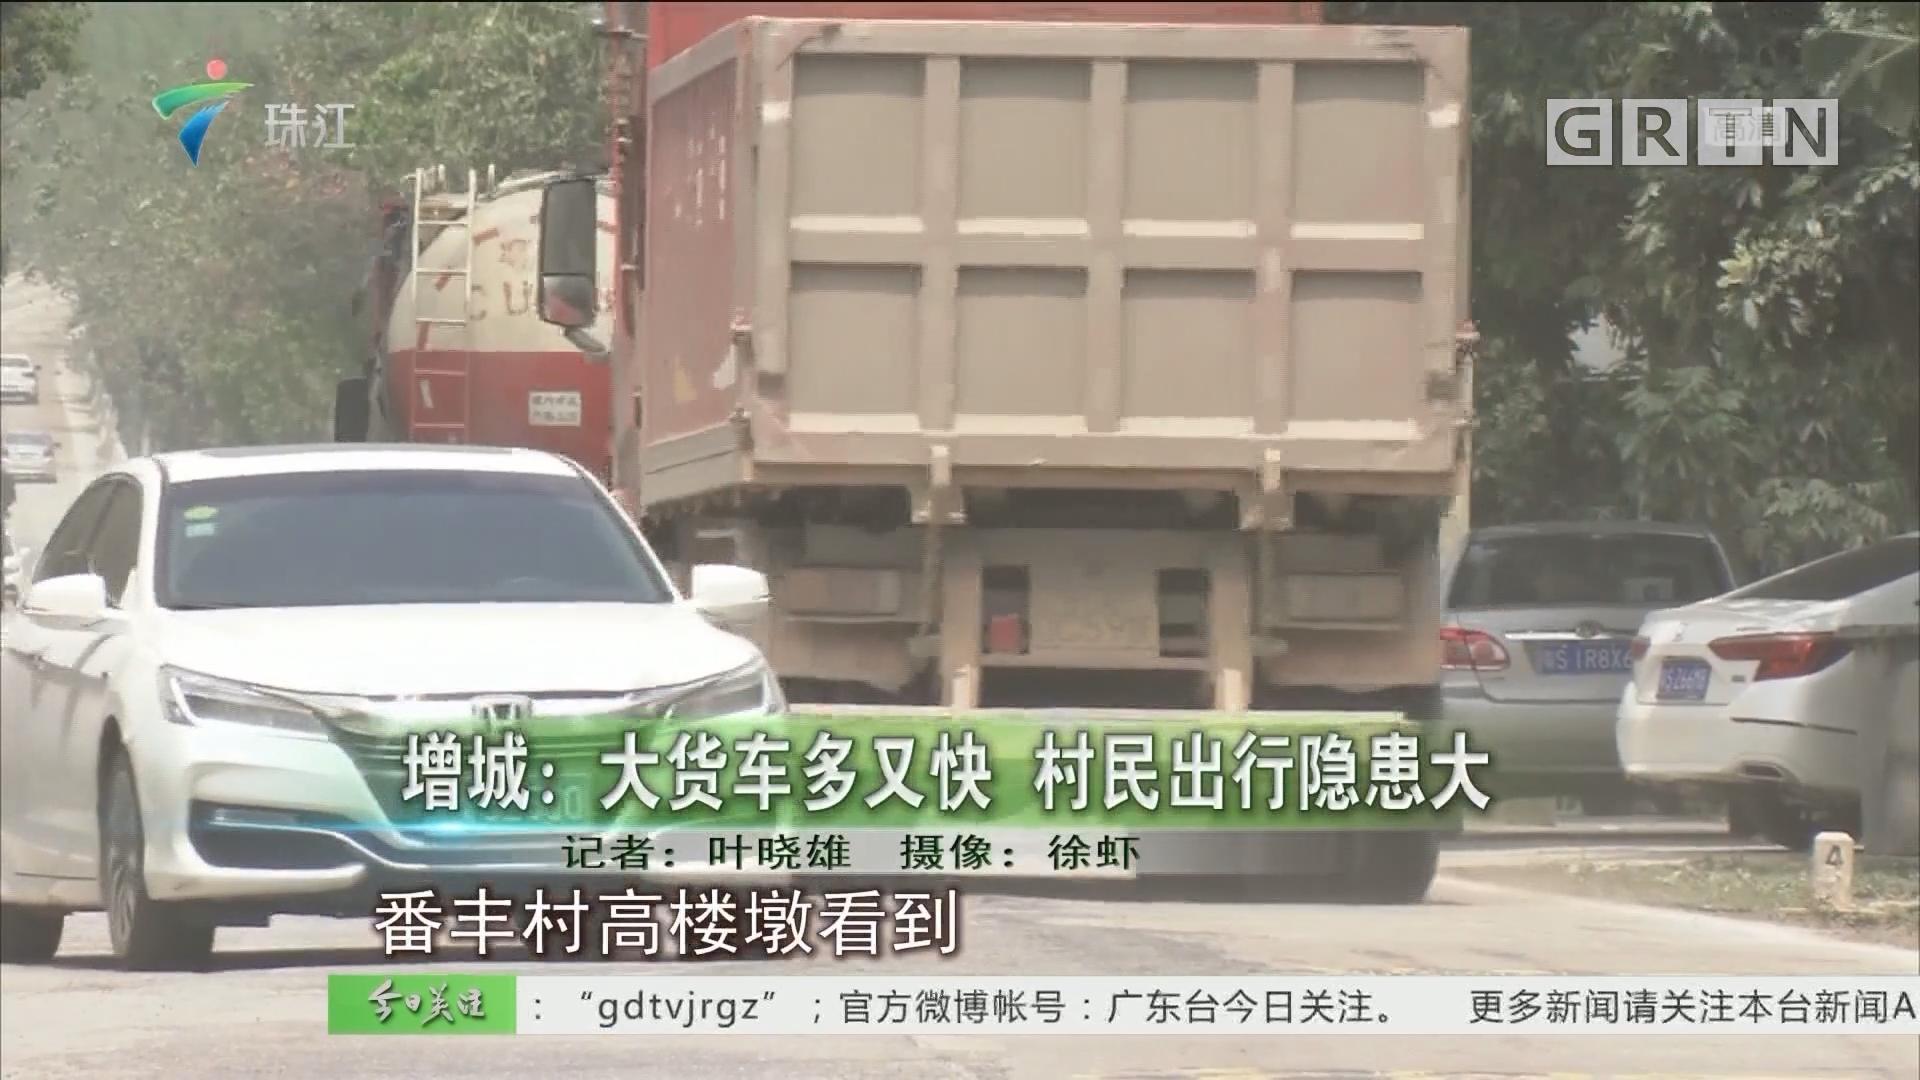 增城:大货车多又快 村民出行隐患大